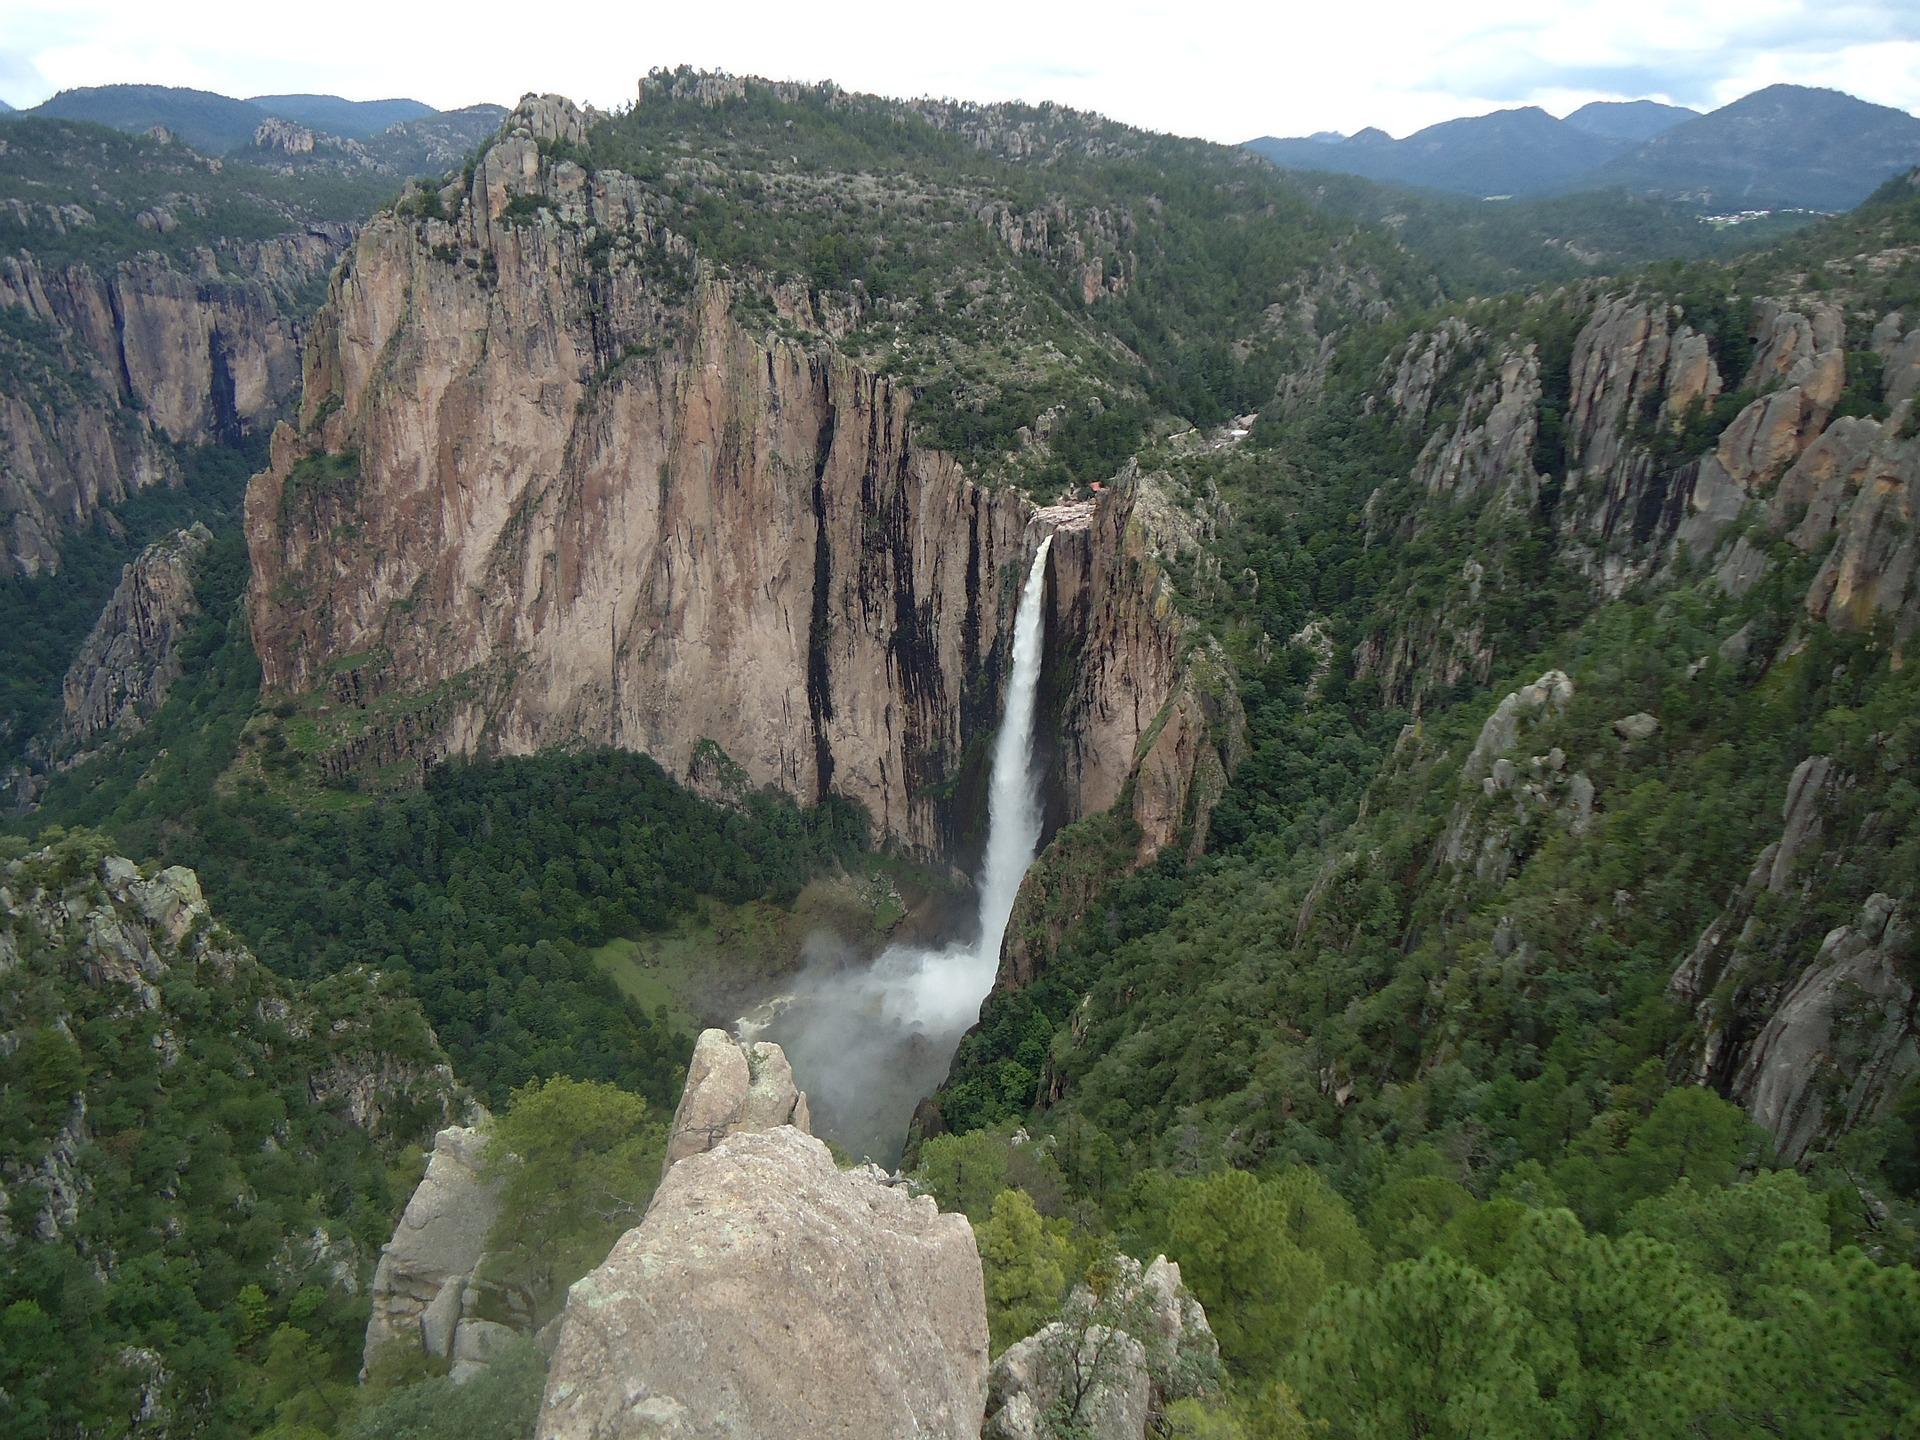 cascada-de-basaseachi-749525_1920